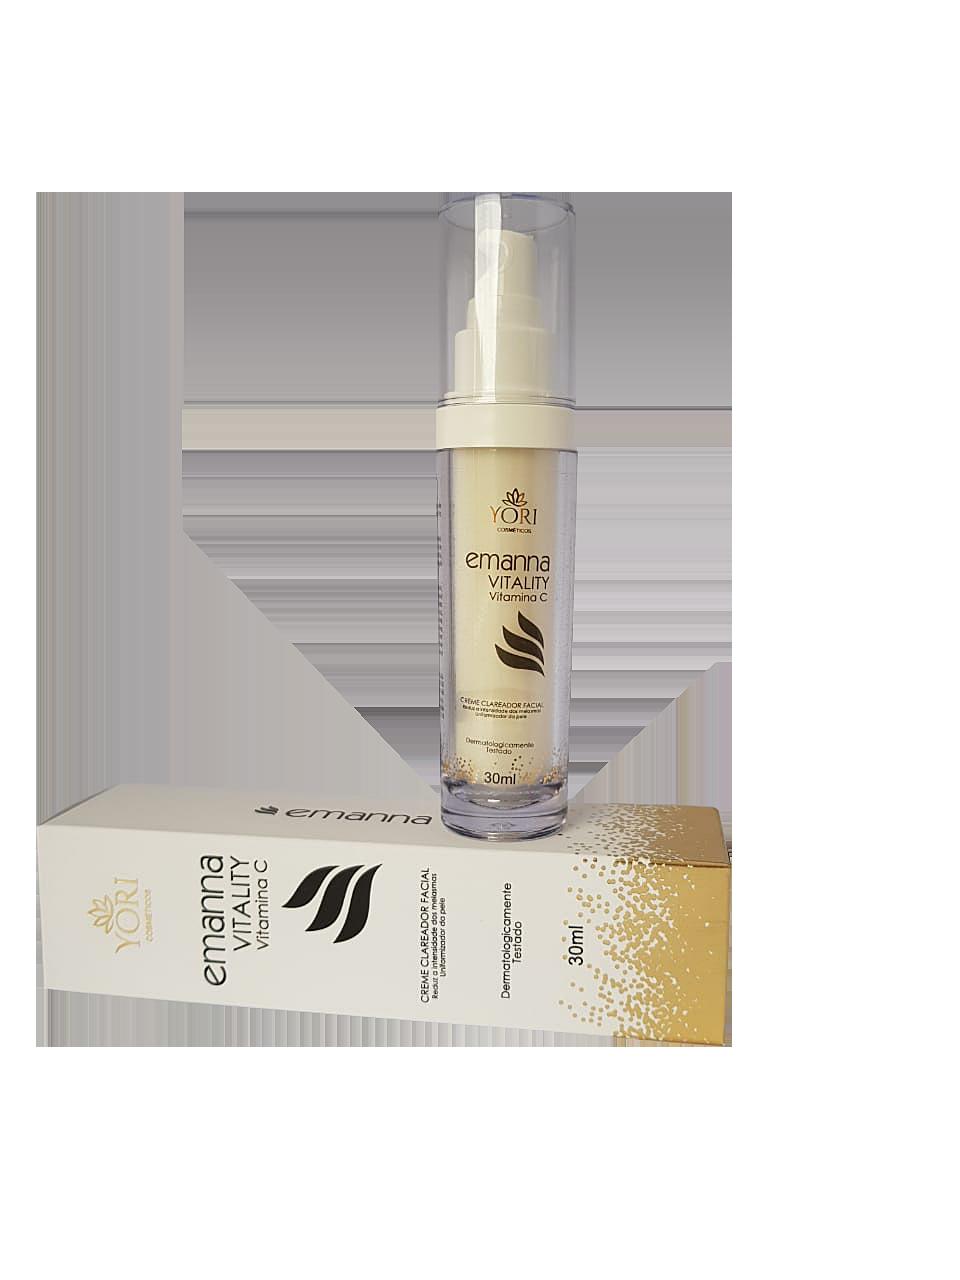 Vitamina C, Clareador Facial, Combate as Manchas na Pele, Reduz os Melasmas Emanna Vitality Vitamina C com Nanotecnologia